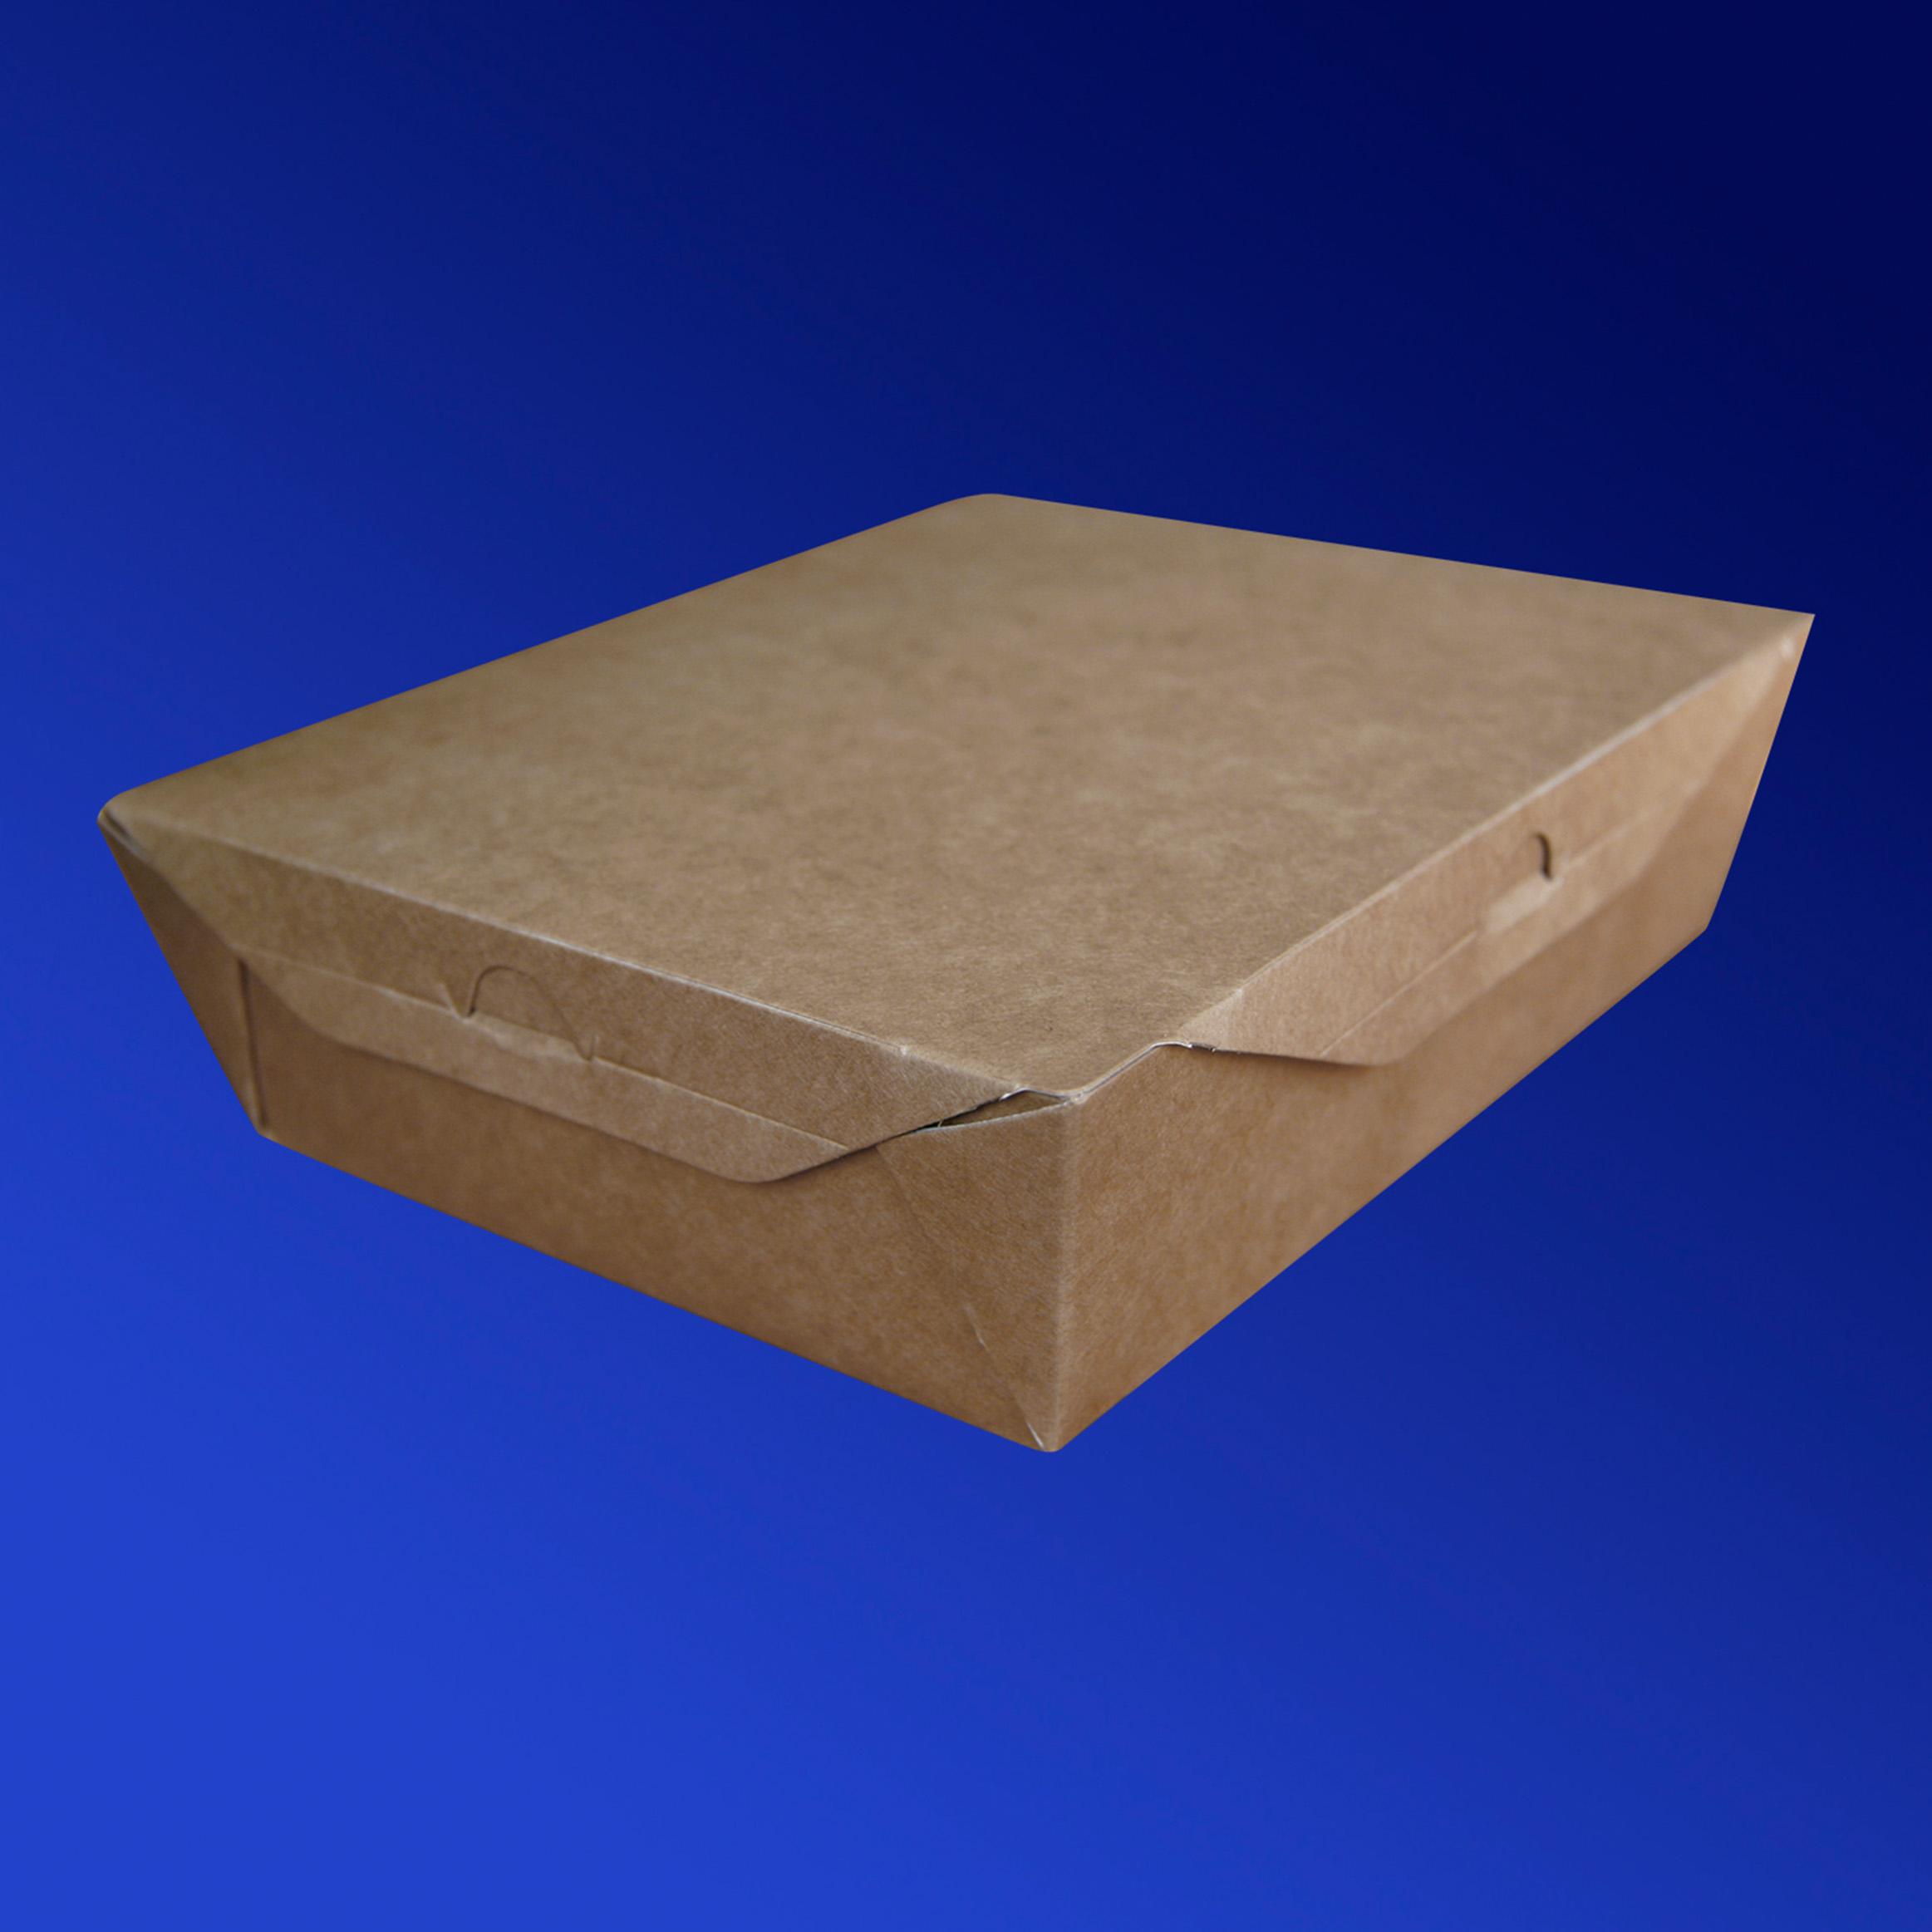 Ланч-бокс крафт/ламин 19х15х5см 1100мл с крышкой ECO LUNCH 1100